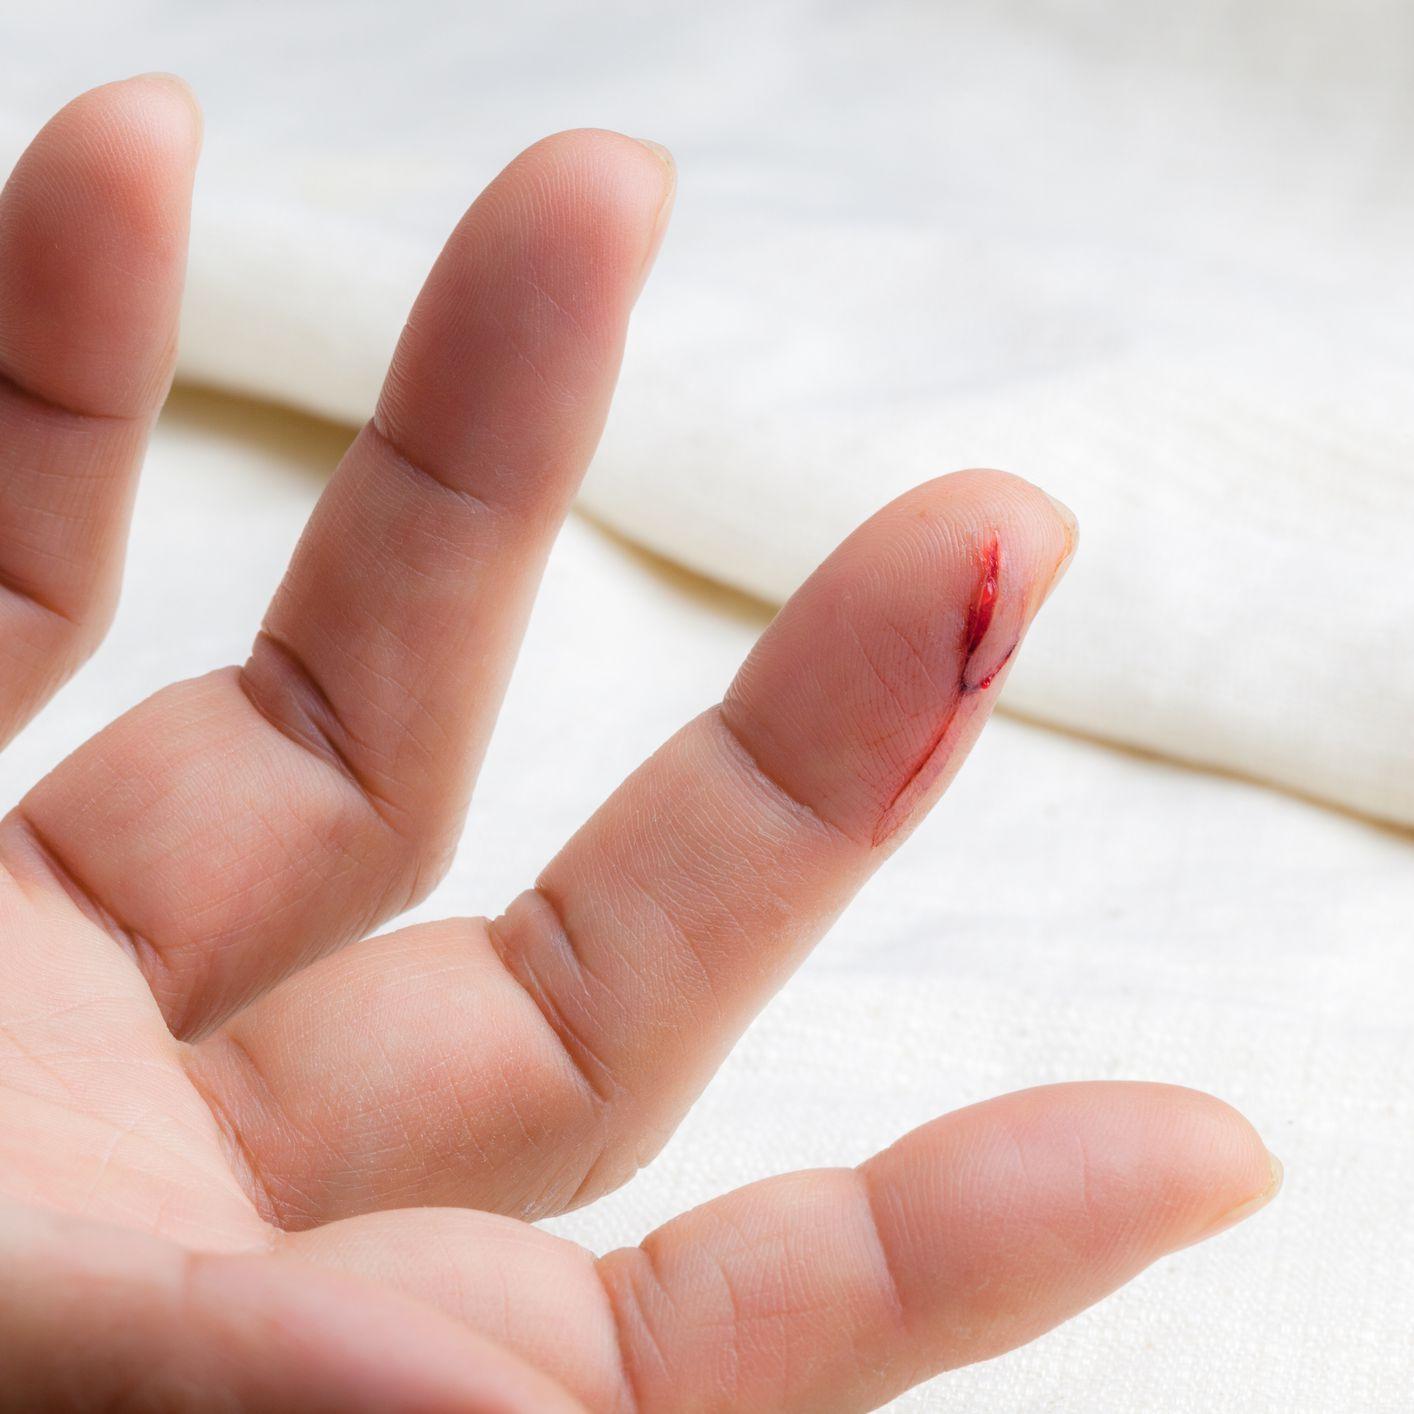 apa tanda jari berdarah kena pisau